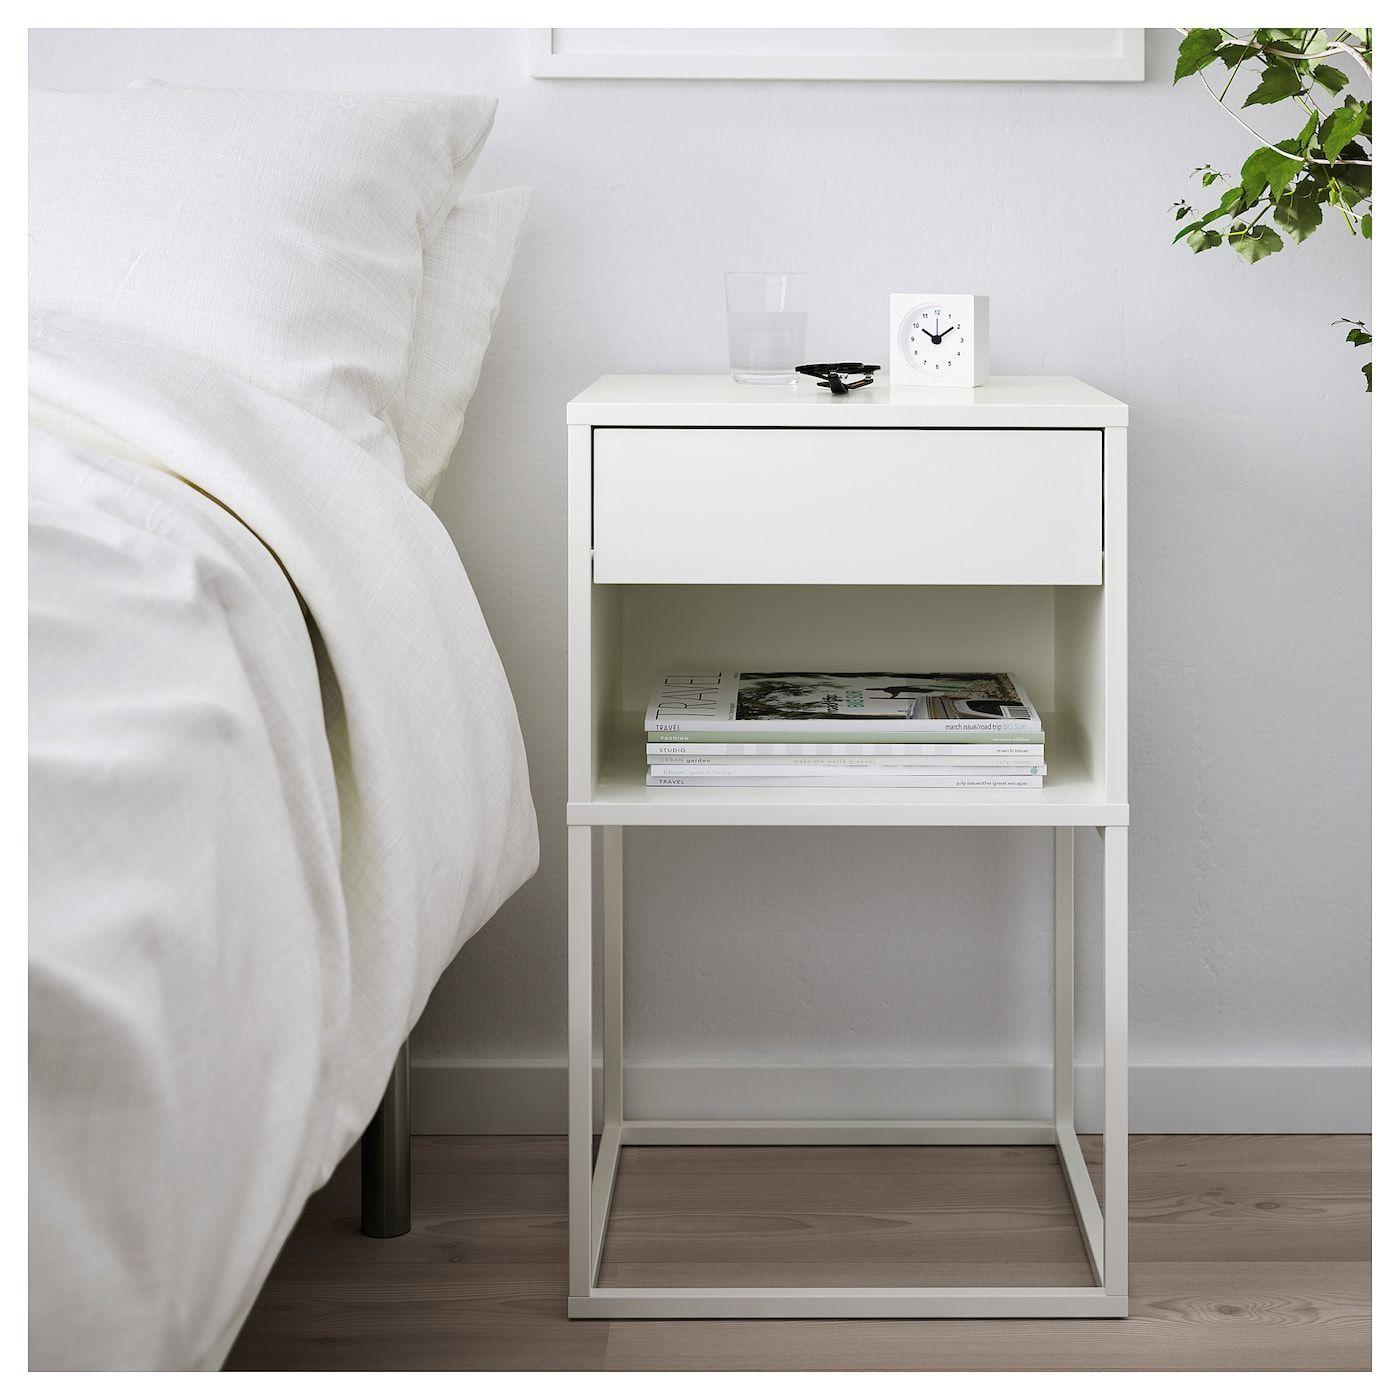 Ikea Vikhammer Nachttisch Weiss Products Diy Mobel